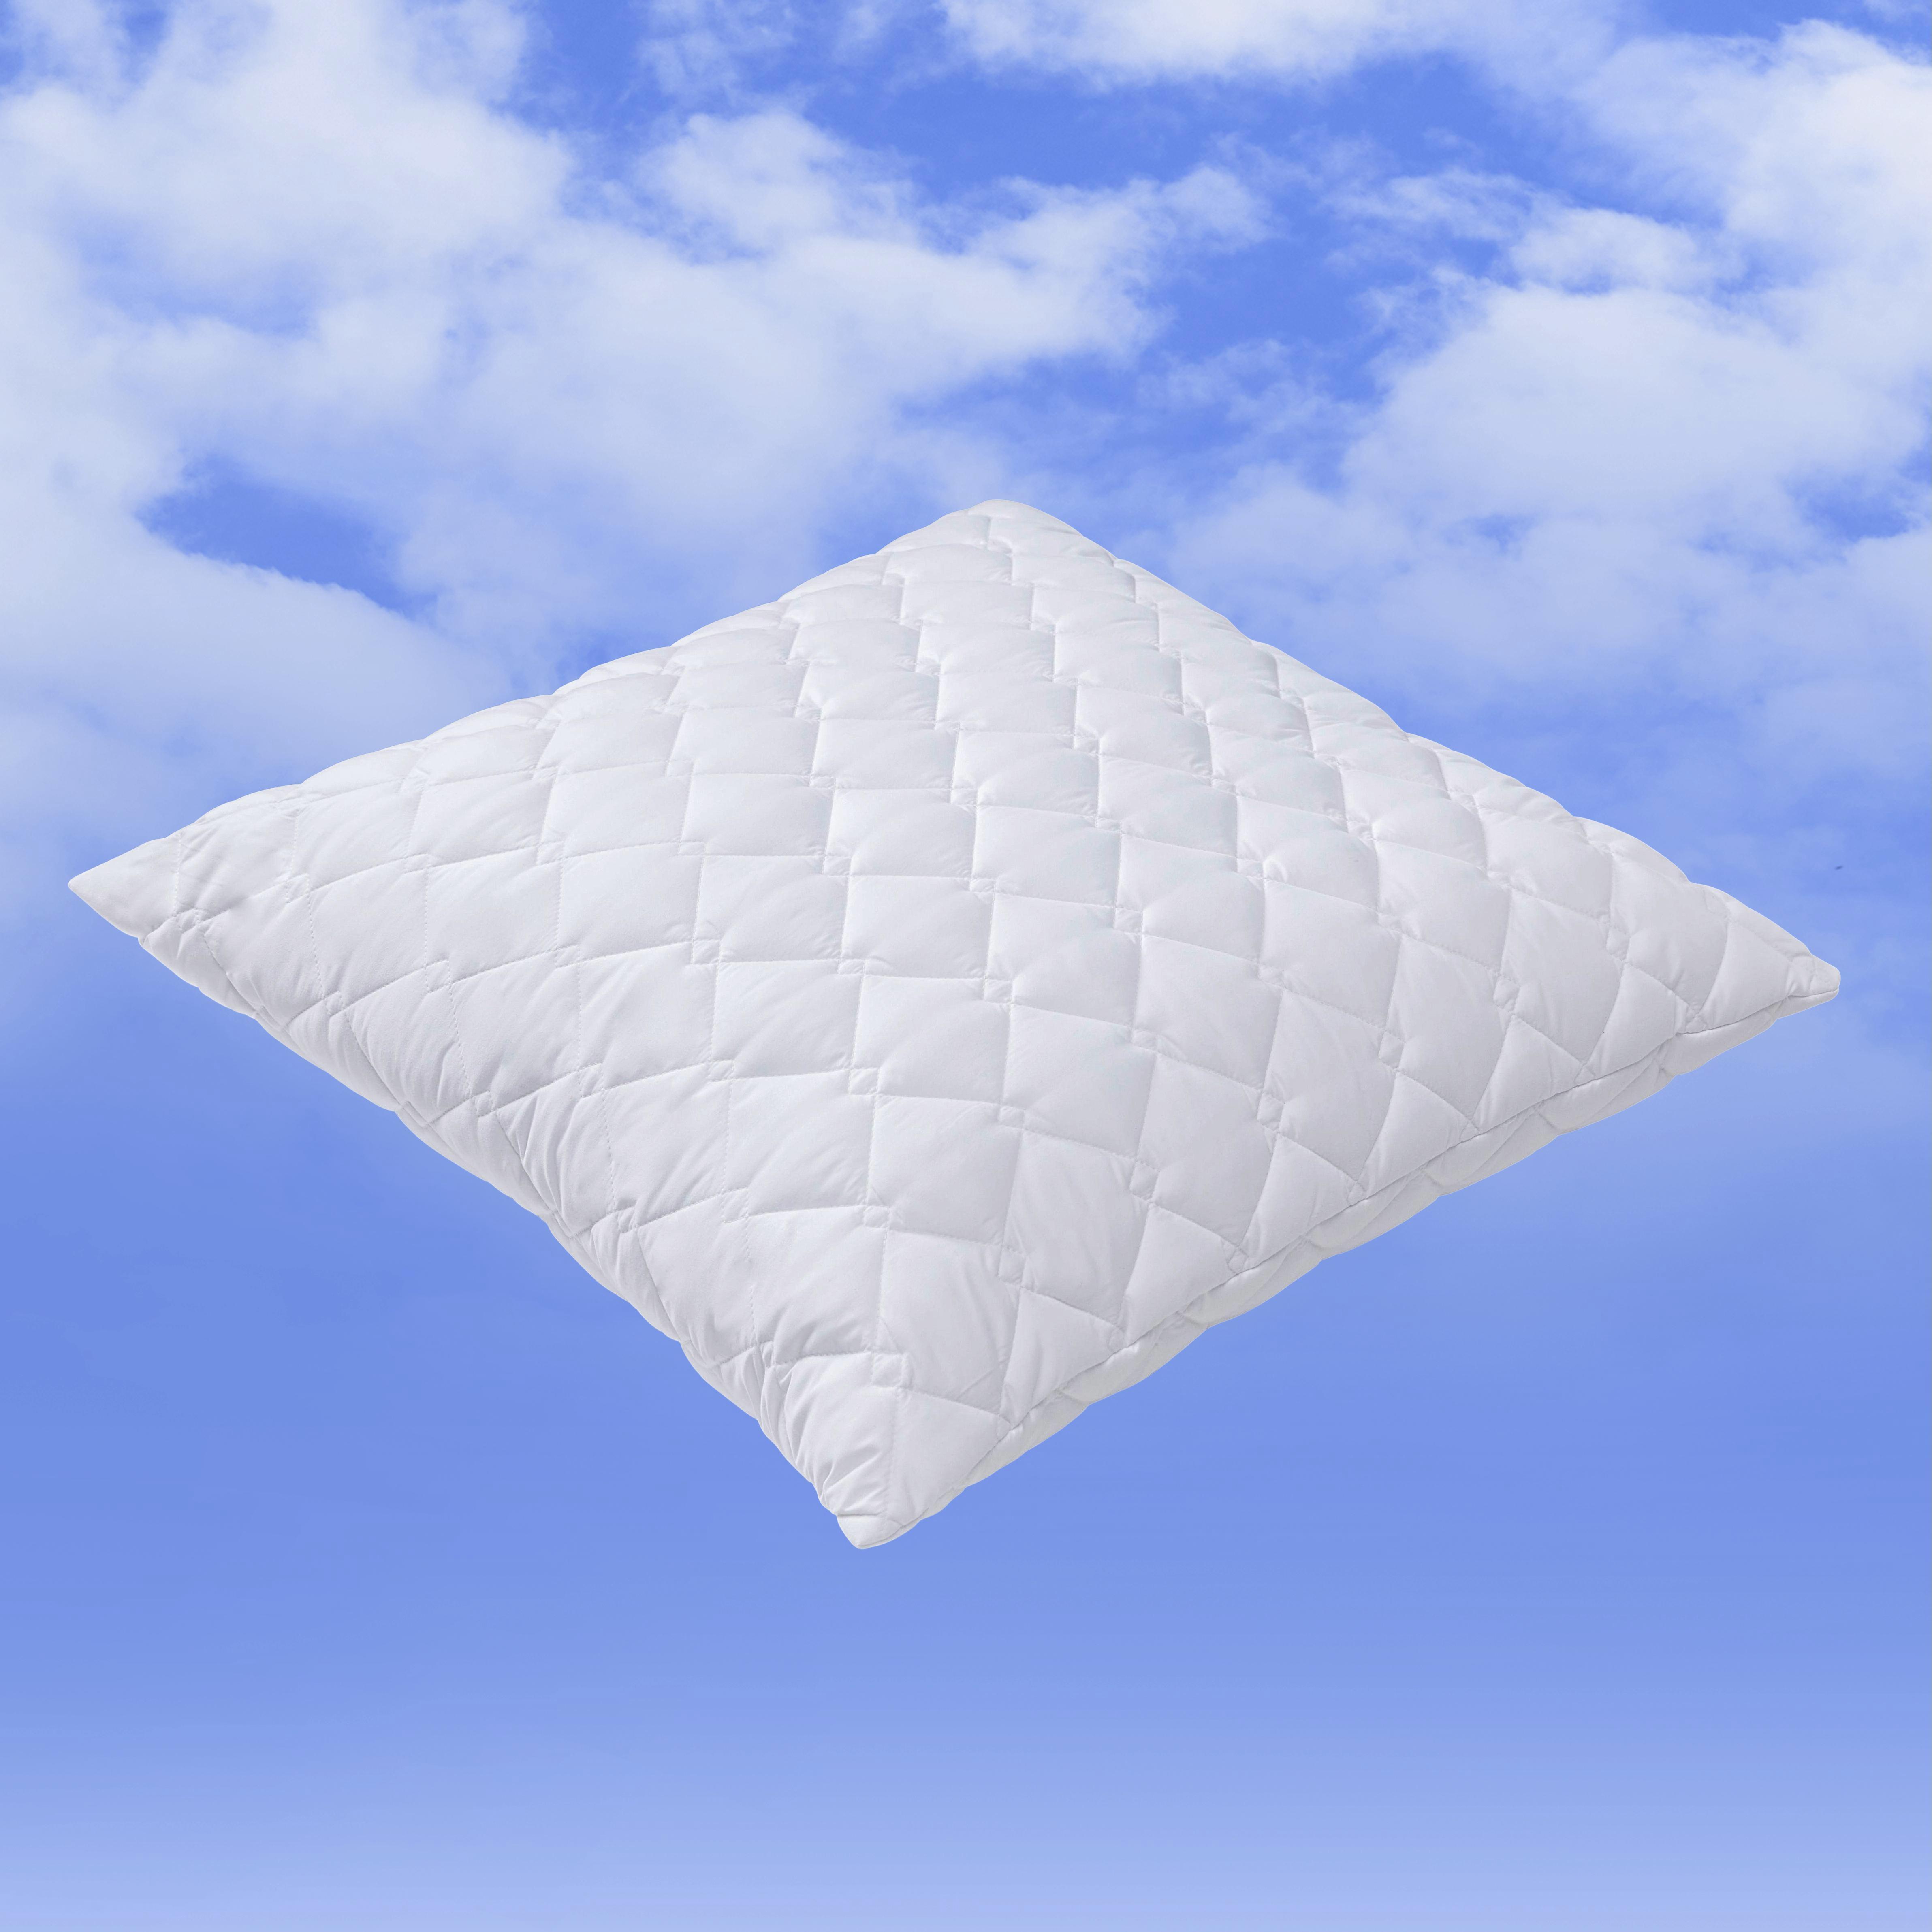 Kopfkissen Irisette 80x80cm - Weiß, KONVENTIONELL, Textil (80/80cm)